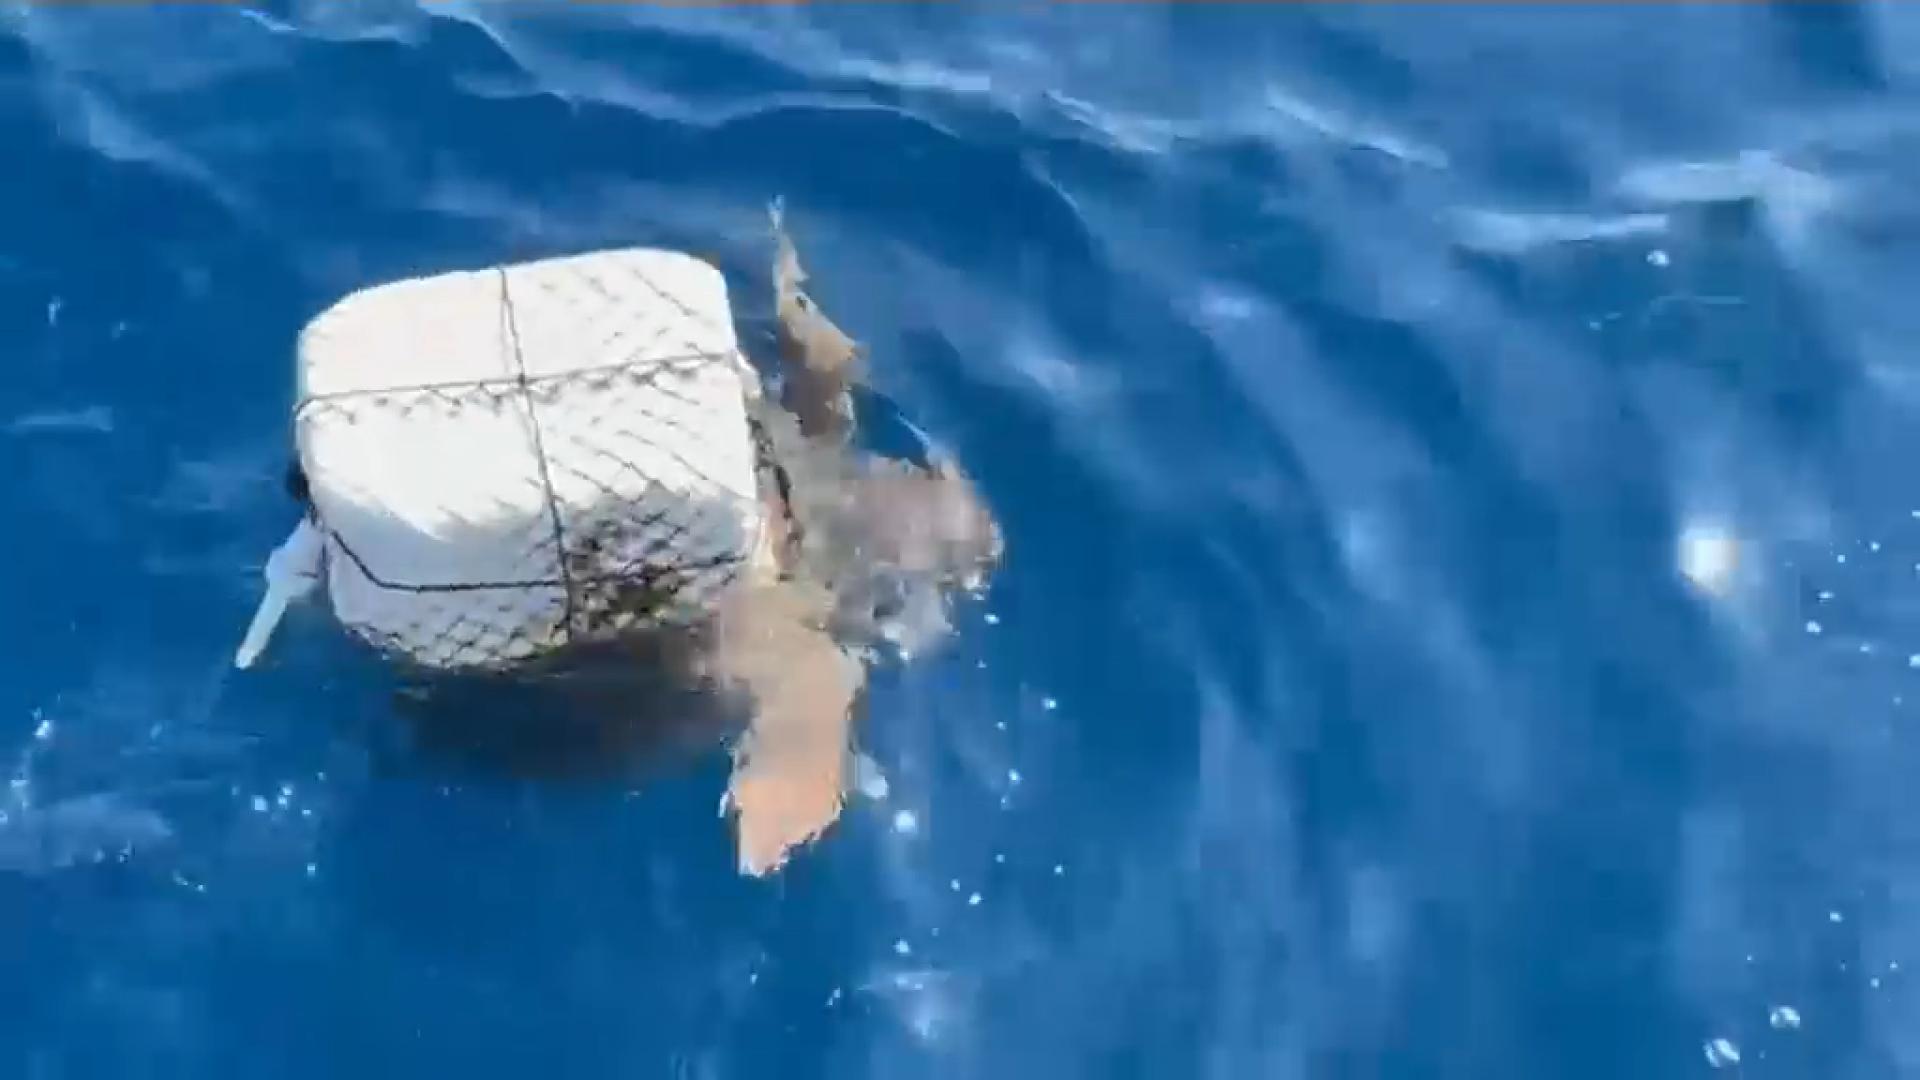 Com+es+rescata+una+tortuga%3F